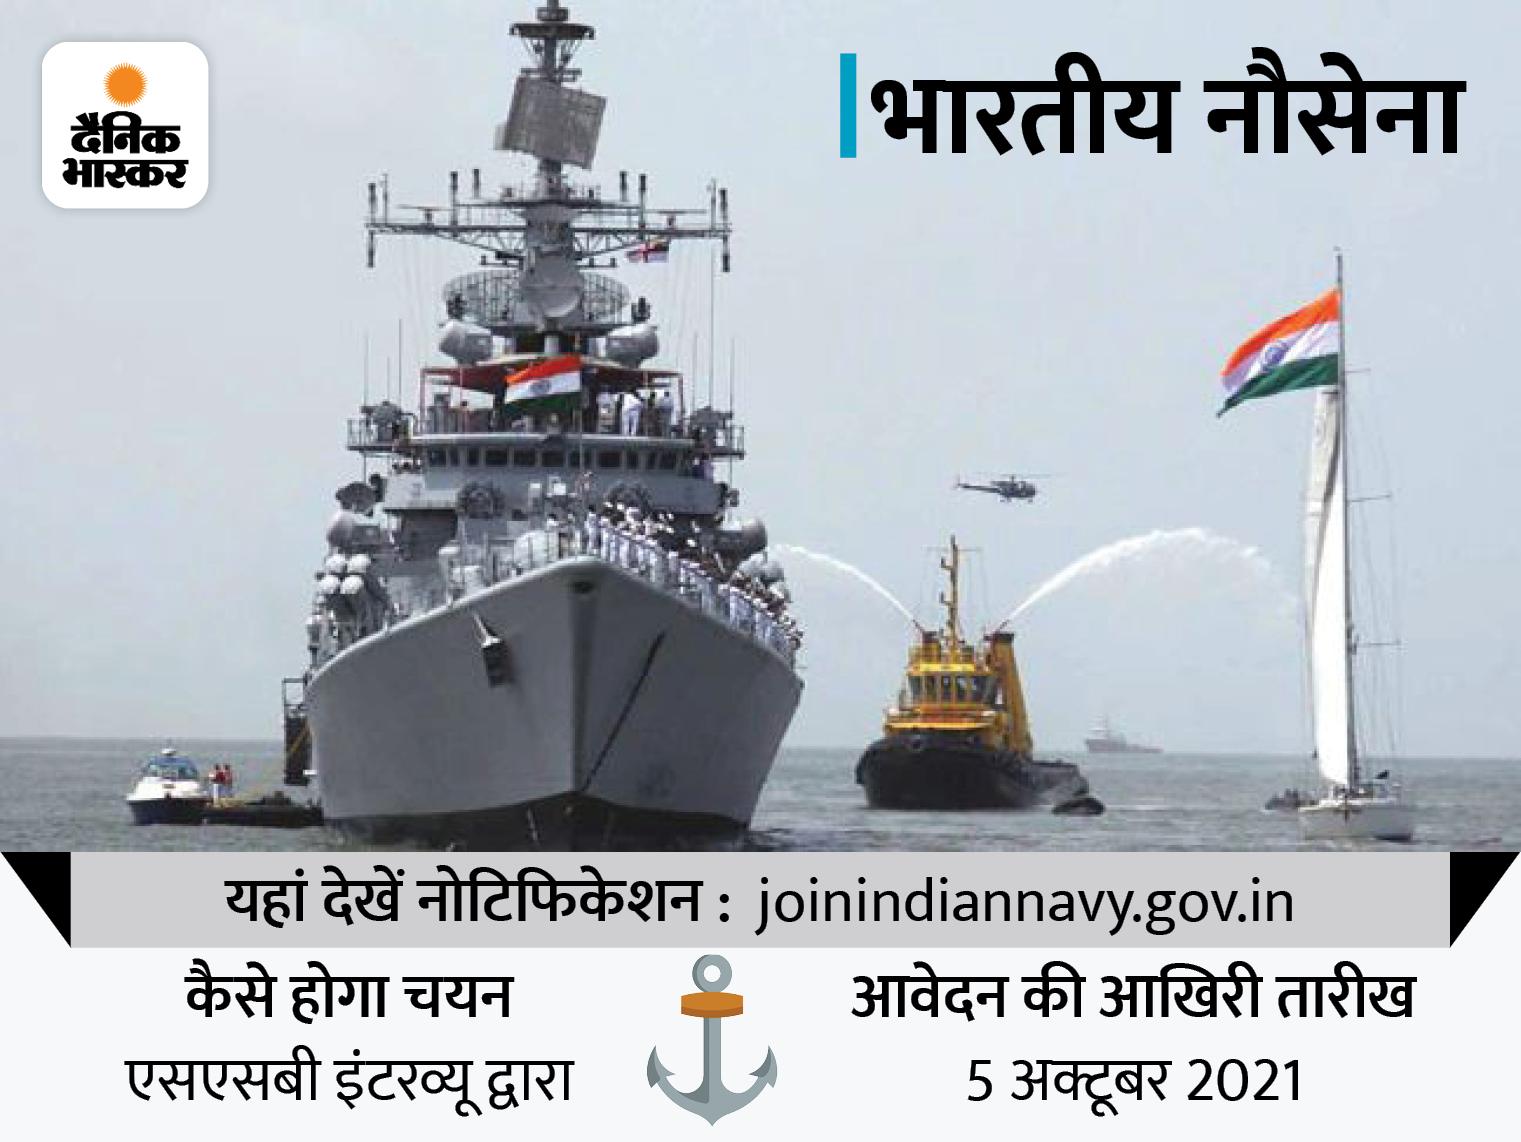 भारतीय नौसेना में एग्जीक्यूटिव, टेक्निकल और एजुकेशन ब्रांच के लिए आवेदन आमंत्रित किए गए हैं, चयन प्रक्रिया में क्वालिफाइंग डिग्री के 5वें सेमेस्टर तक के मार्क्स देखे जाएंगे|करिअर,Career - Dainik Bhaskar